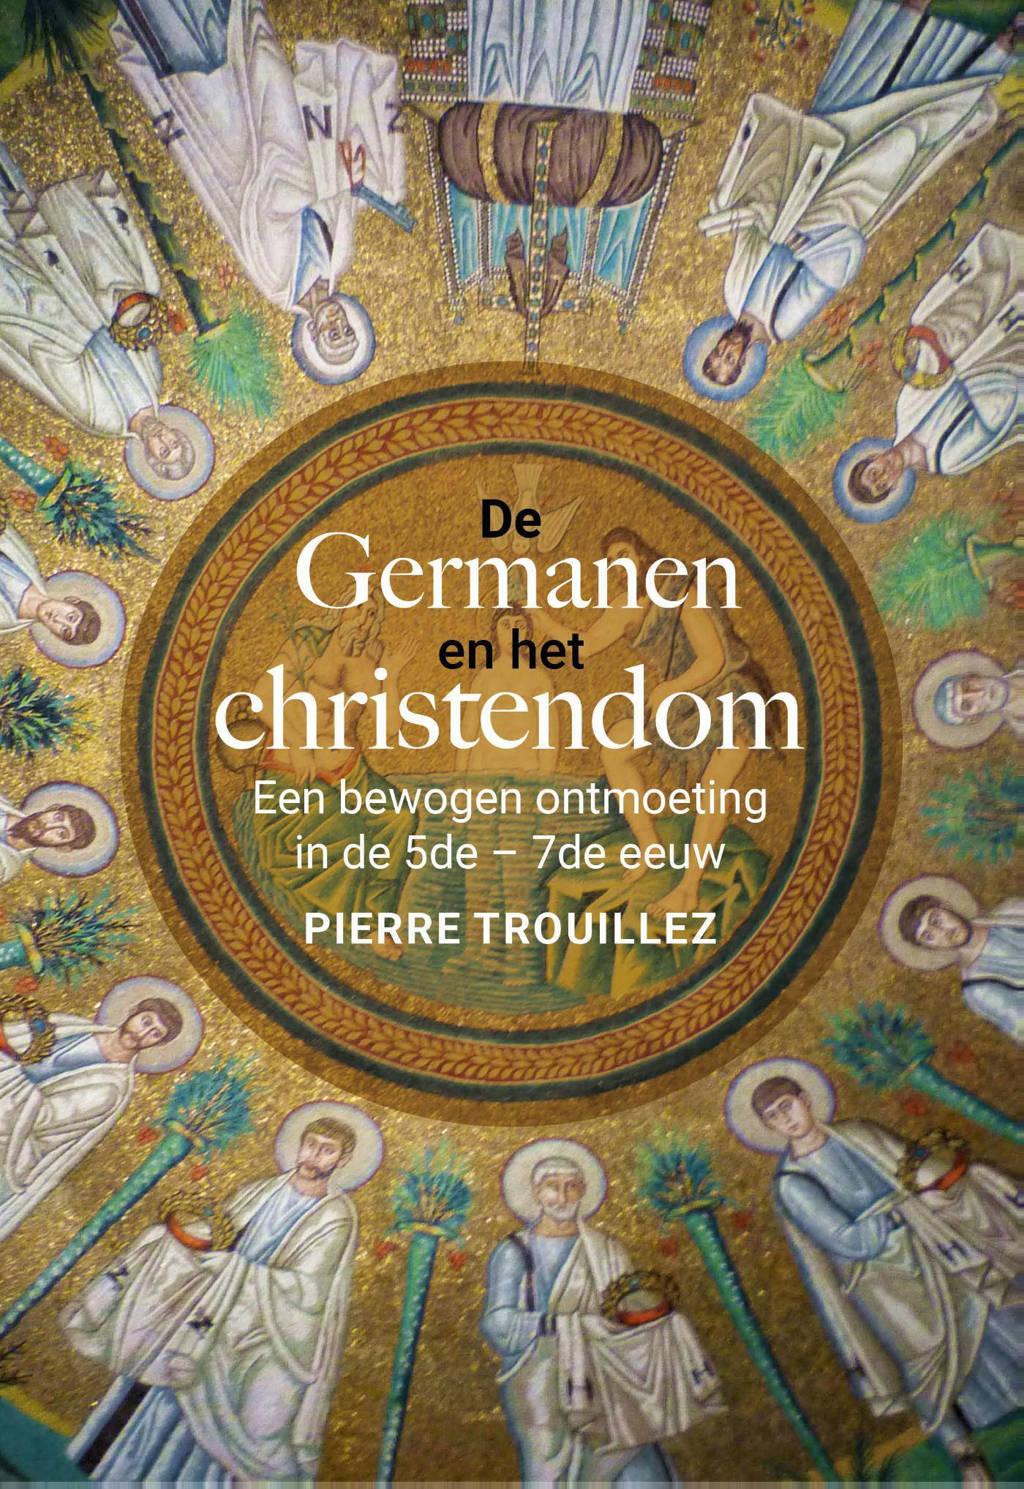 De Germanen en het christendom - Pierre Trouillez